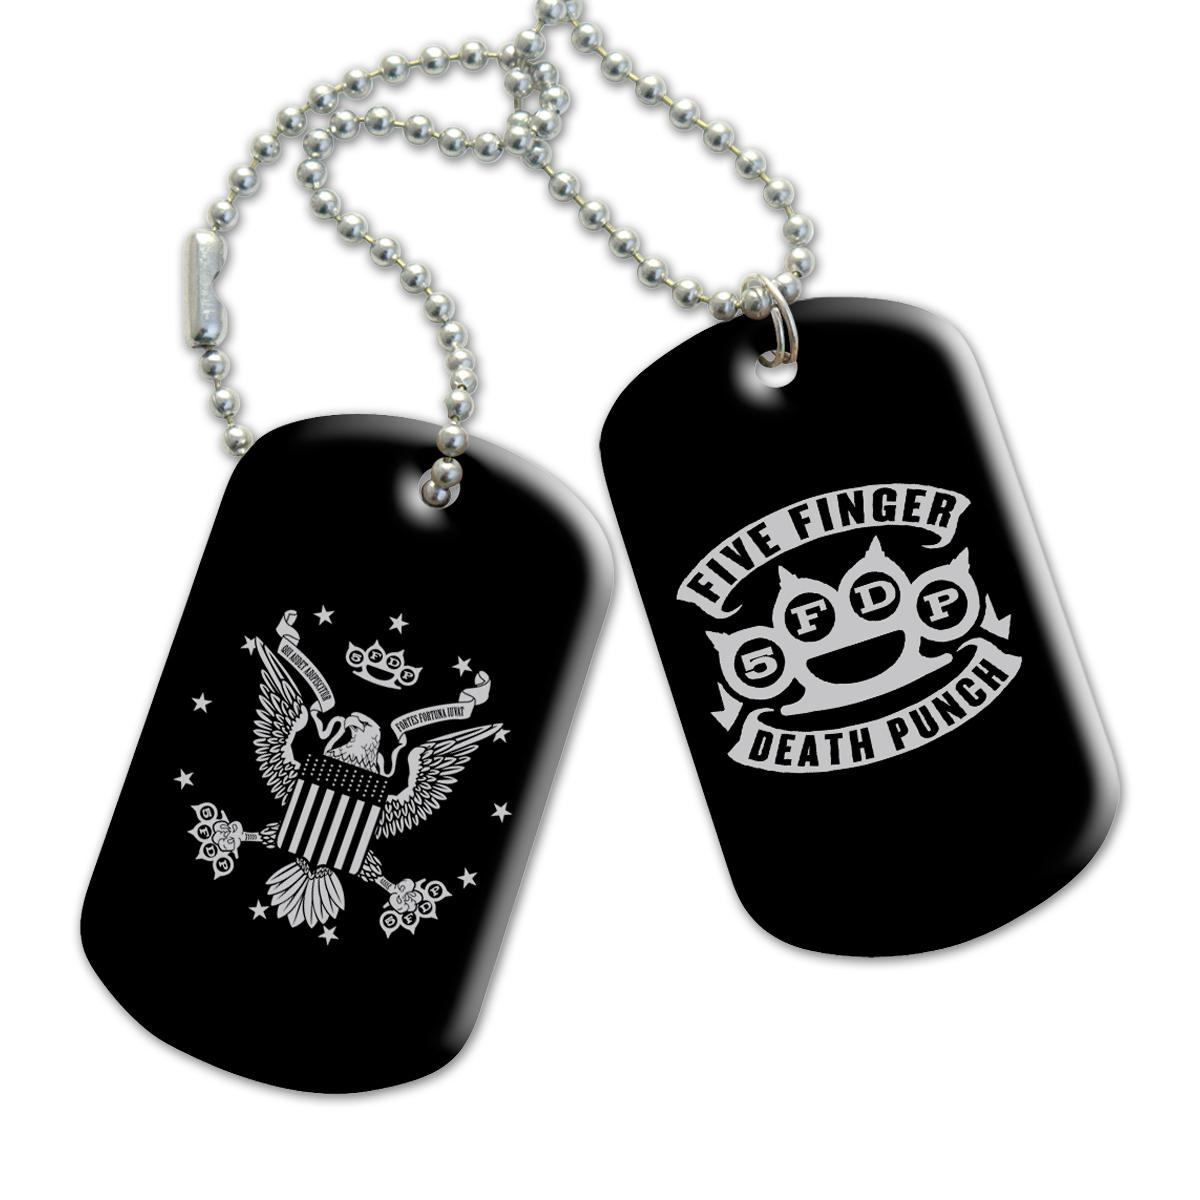 Five Finger Death Punch Death Burst Girlie T-Shirt: Five Finger Death Punch